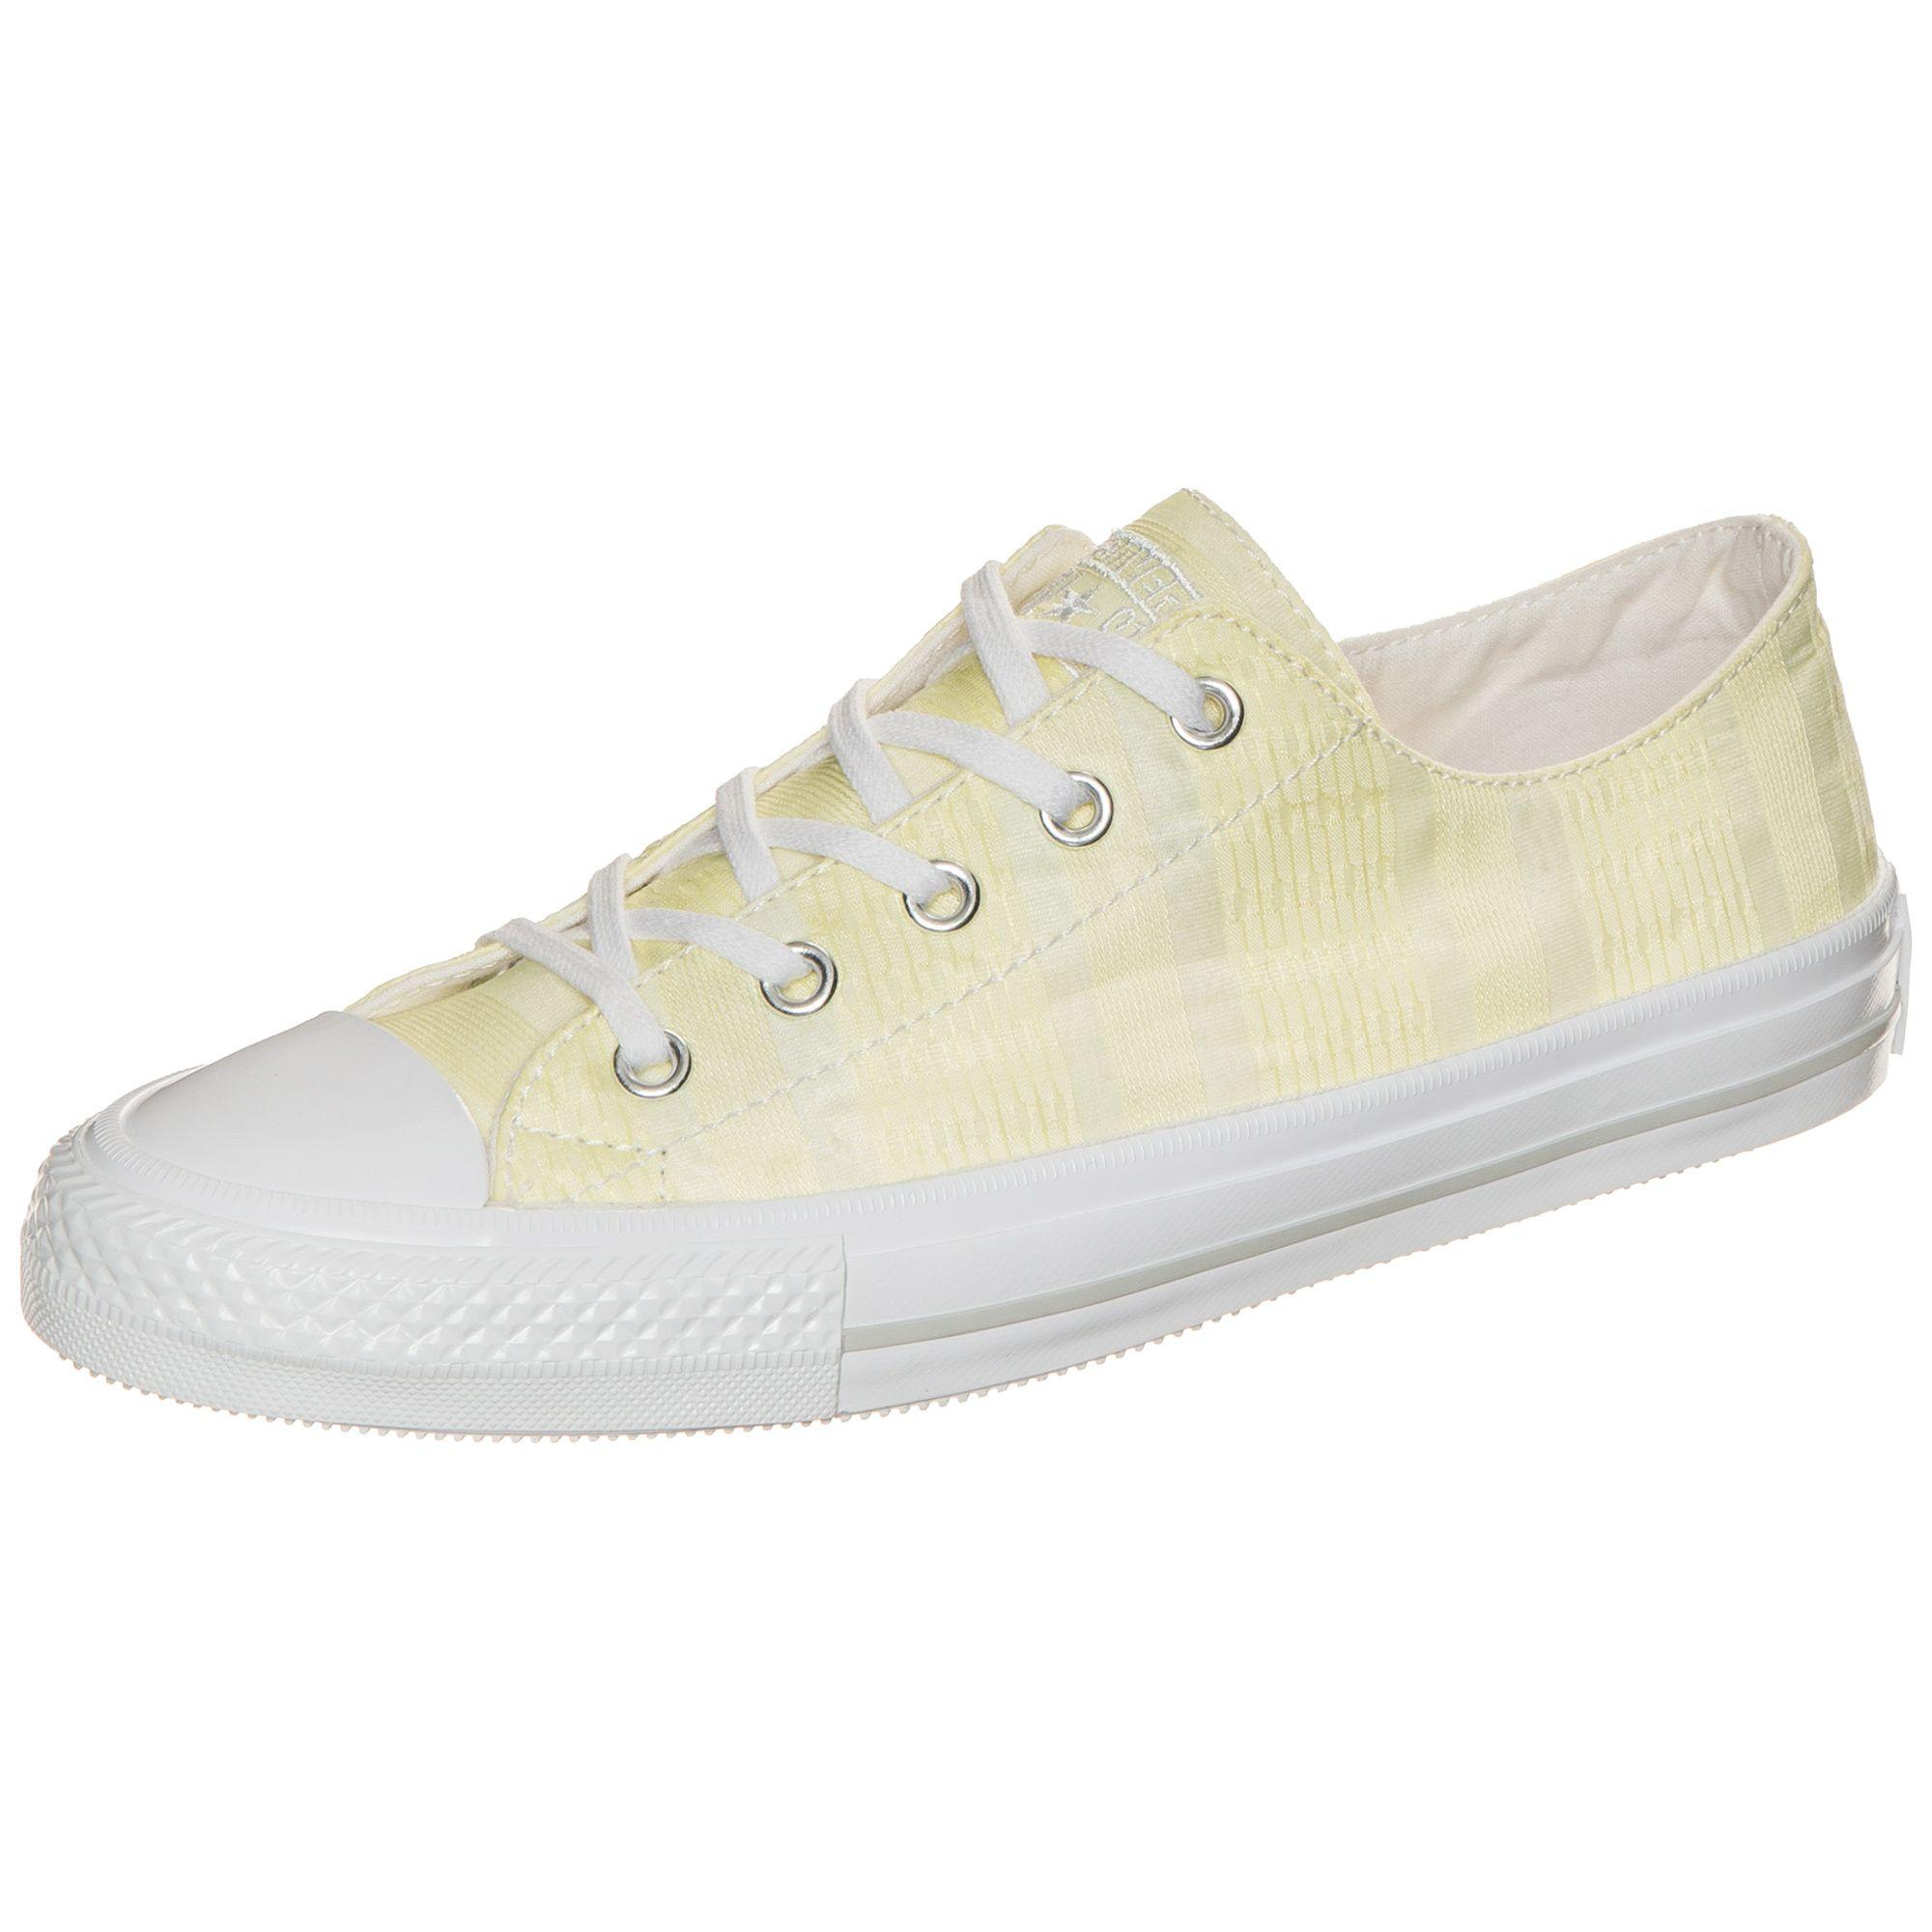 CONVERSE Converse Chuck Taylor All Star Gemma OX Sneaker Damen